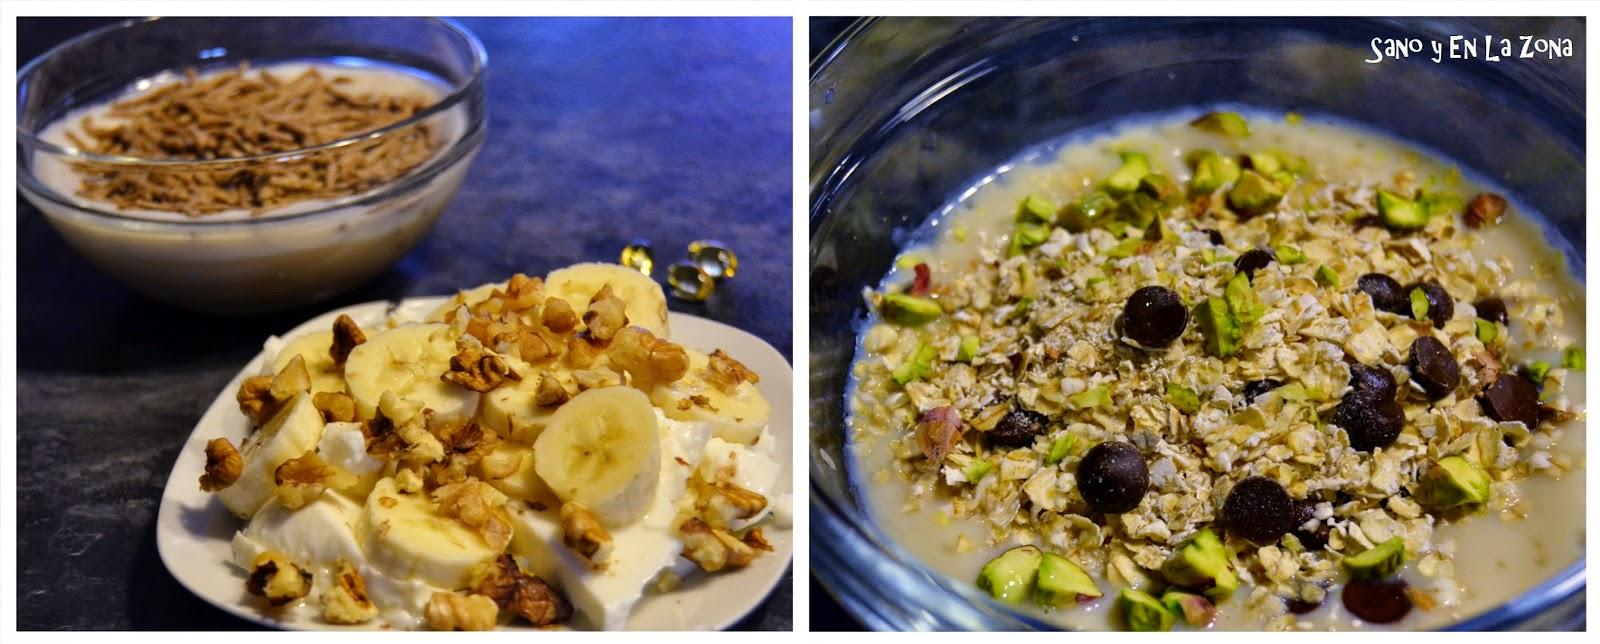 Sano y en la zona taz n de leche y cereales completo for Tazon cereales